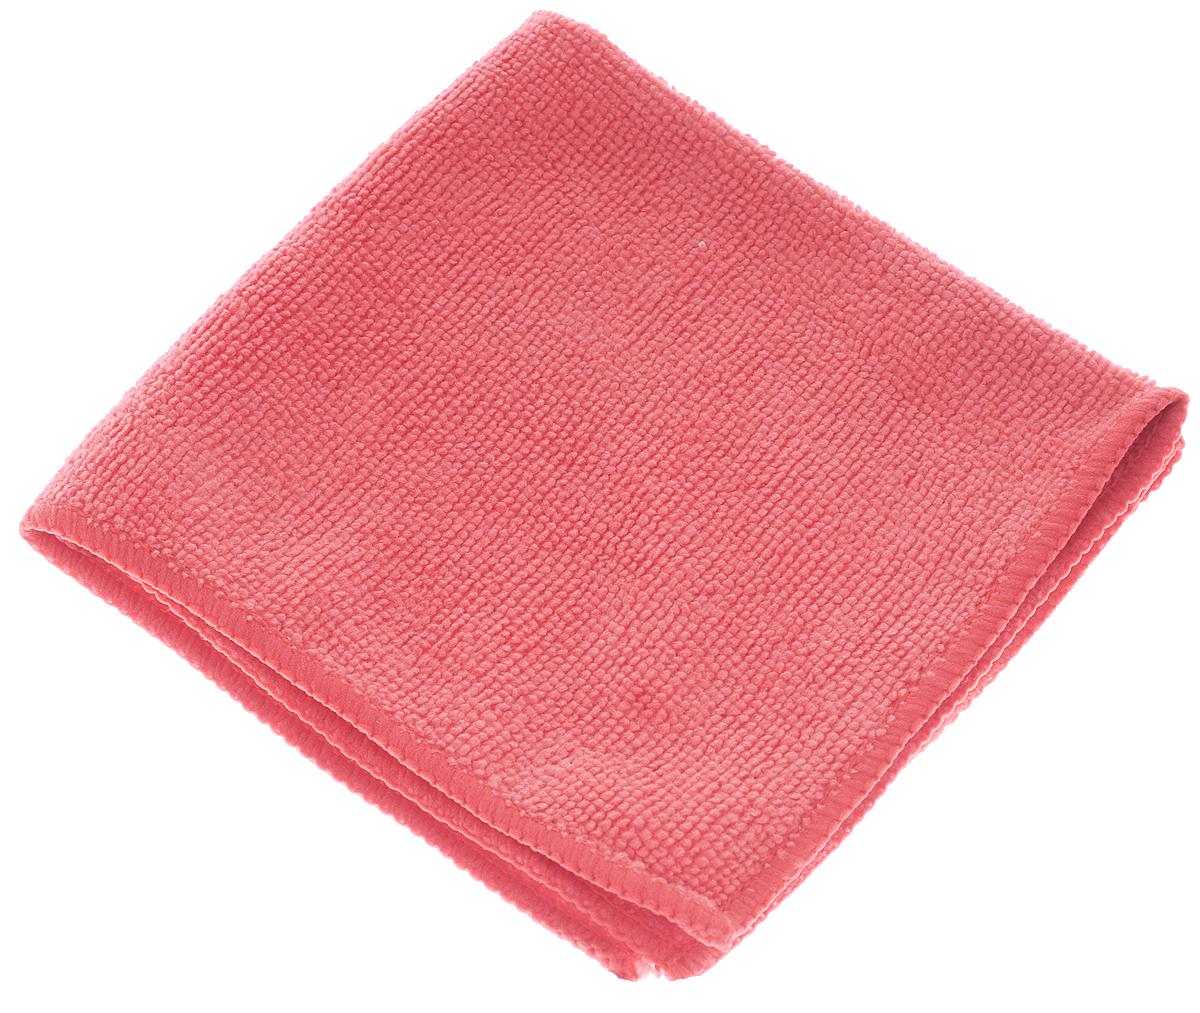 Салфетка универсальная Celesta, из микрофибры, цвет: коралловый, 30 х 30 см4660_ коралловыйСалфетка Celesta, изготовленная из микрофибры (80% полиэстера и 20% полиамида), предназначена для сухой и влажной уборки. Подходит для ухода за любыми поверхностями. Благодаря специальной структуре волокон справляется с загрязнениями без использования моющих средств. Не оставляет разводов и ворсинок. Обладает отличными впитывающими свойствами.Размер салфетки: 30 х 30 см.